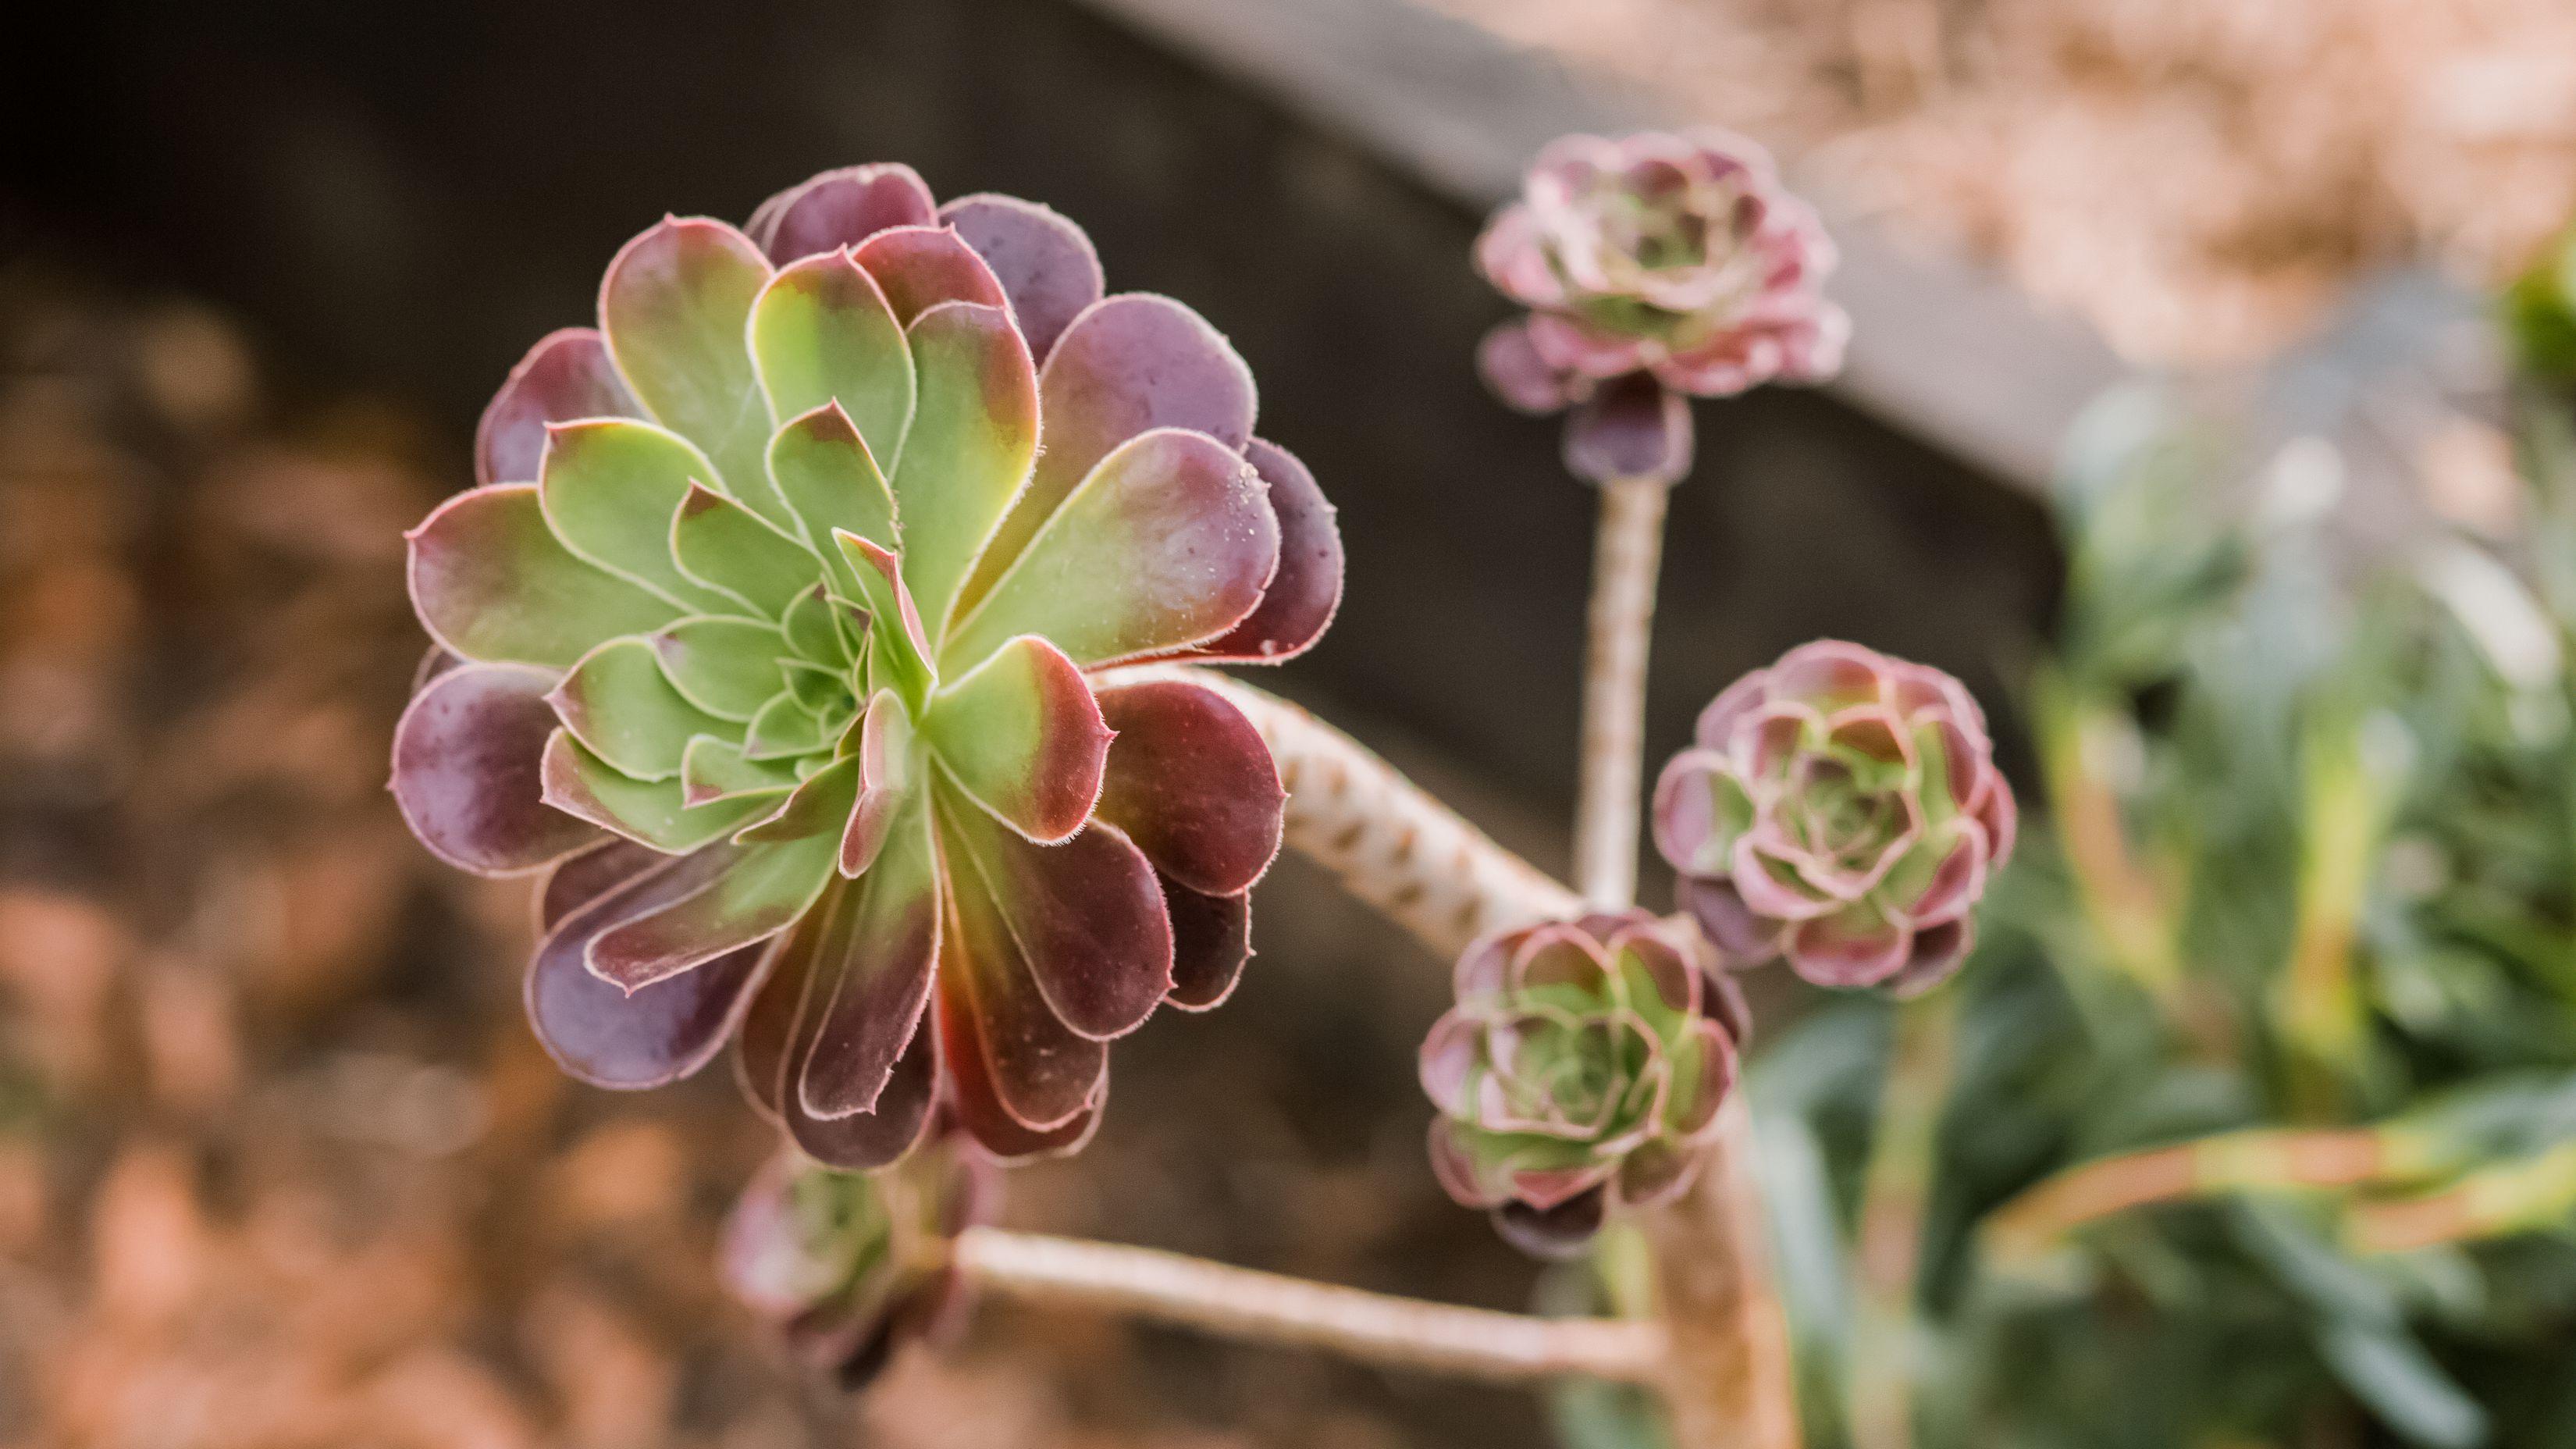 How To Grow Aeonium Plants